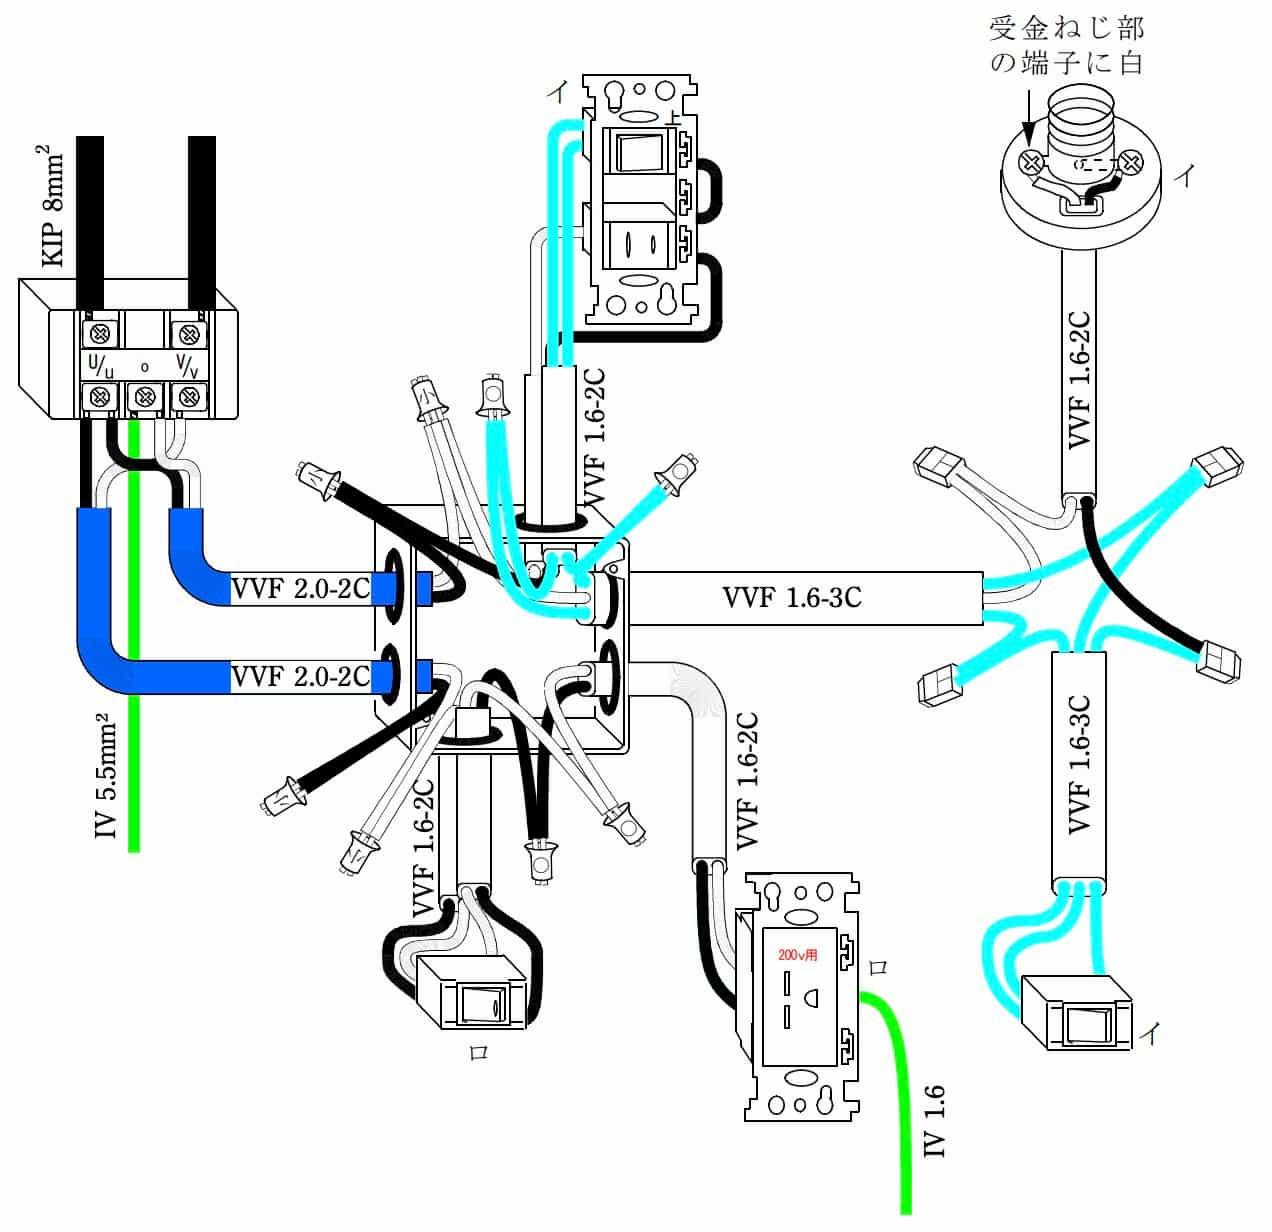 第一種電気工事士の技能試験の試験問題No.1の概念図